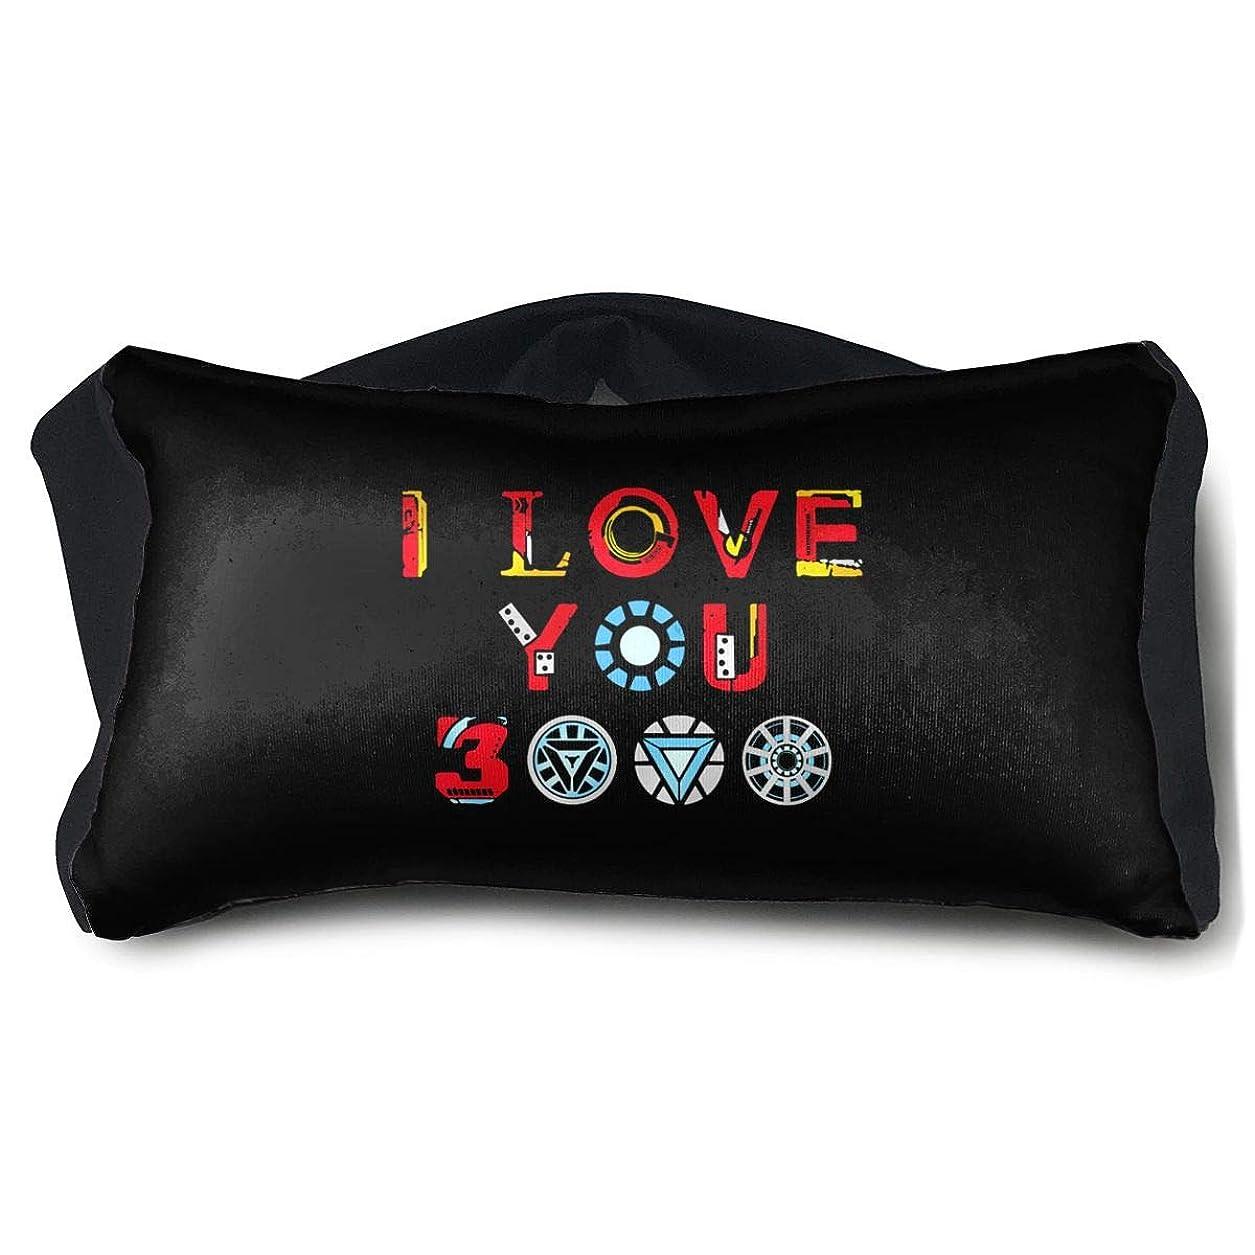 孤独な解放連隊アイマスク枕 アイマスク I Love You 3000 ポータブル 睡眠用 軽量 目隠し枕 柔らか 質感 ベルトが調節できる 旅行に最適 安眠 圧迫感なし 男女兼用 洗える 遮光性抜群 大人兼用 25*15cm